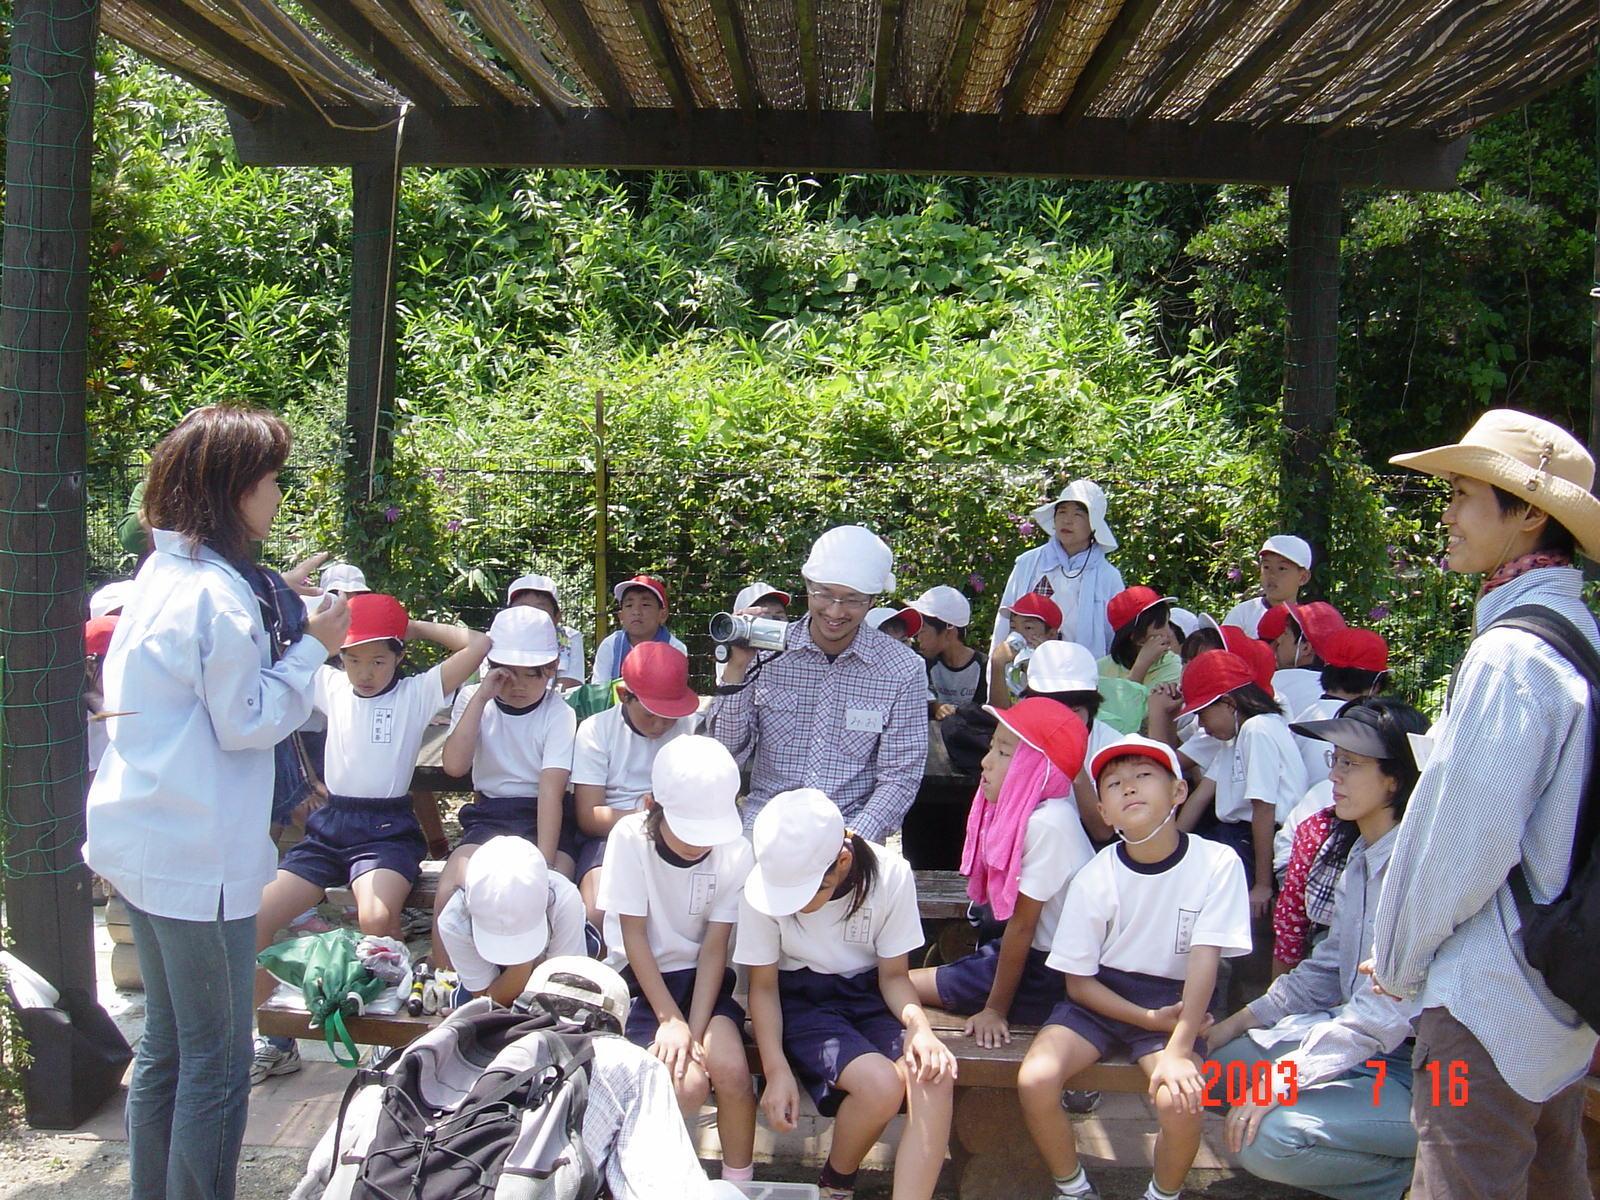 うみべの森の歴史⑭「2003年7月の活動」_c0108460_12322744.jpg